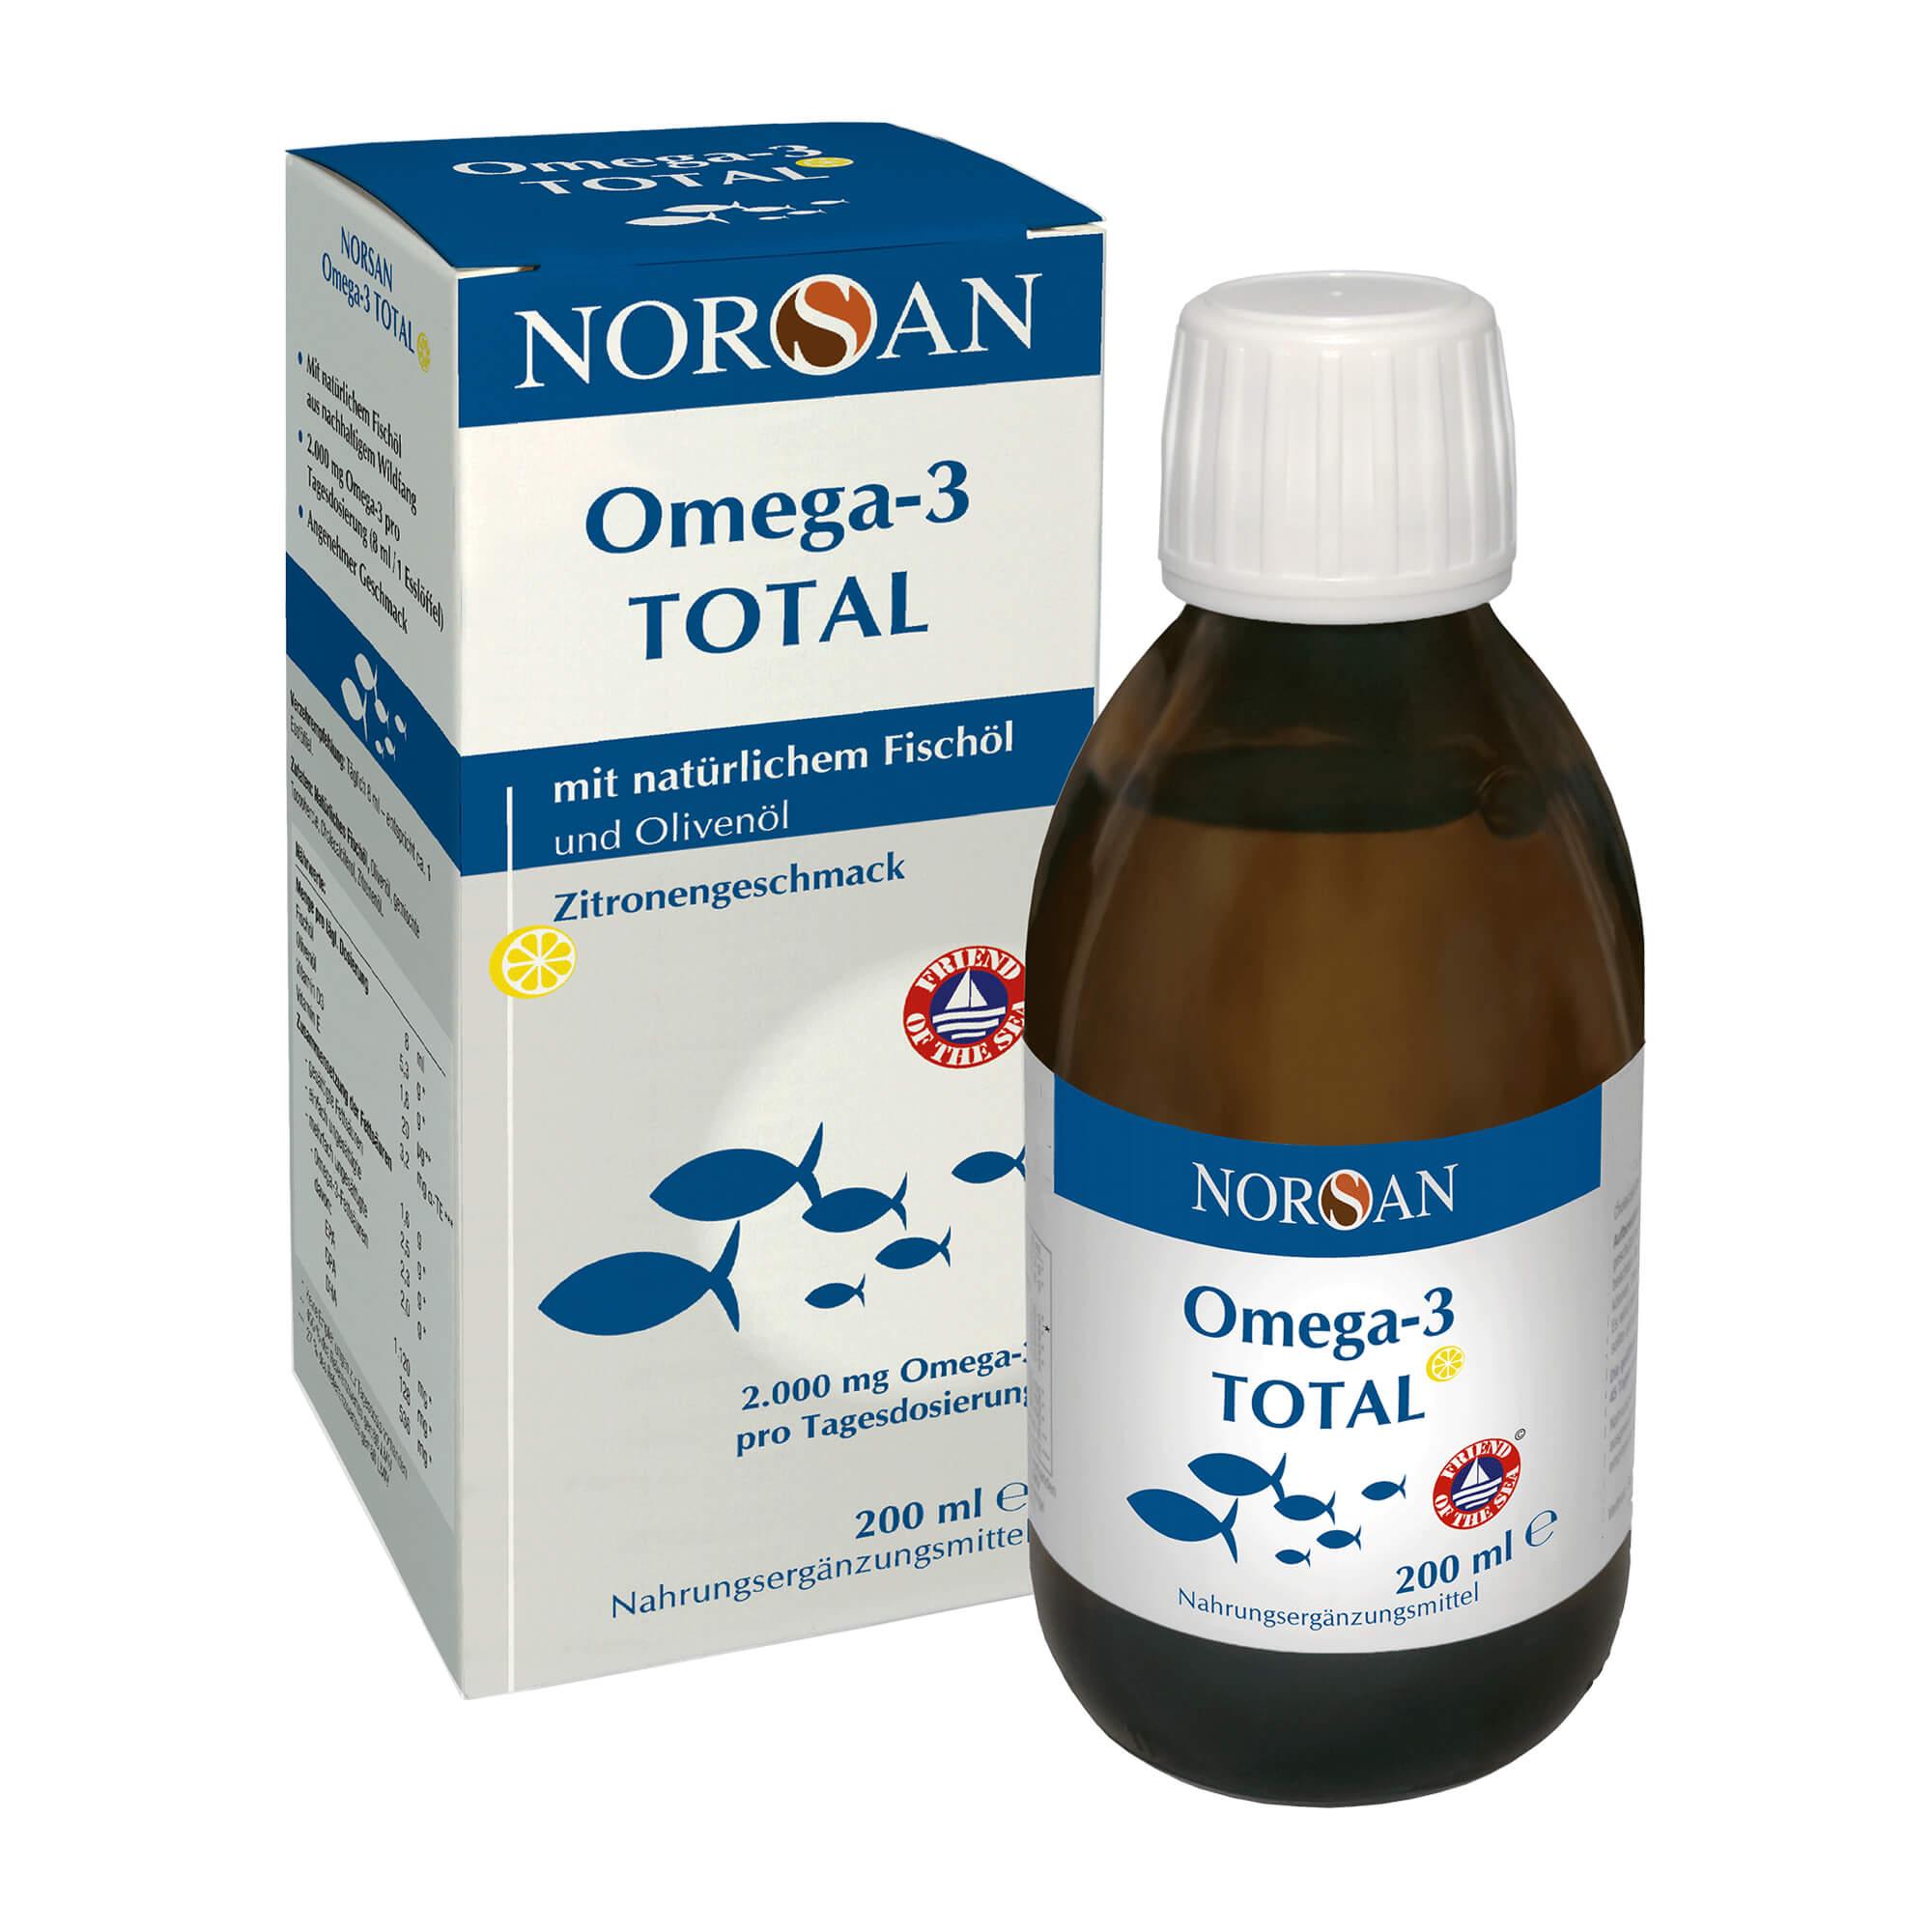 Norsan Omega-3 Total flüssig mit Zitronengeschmack